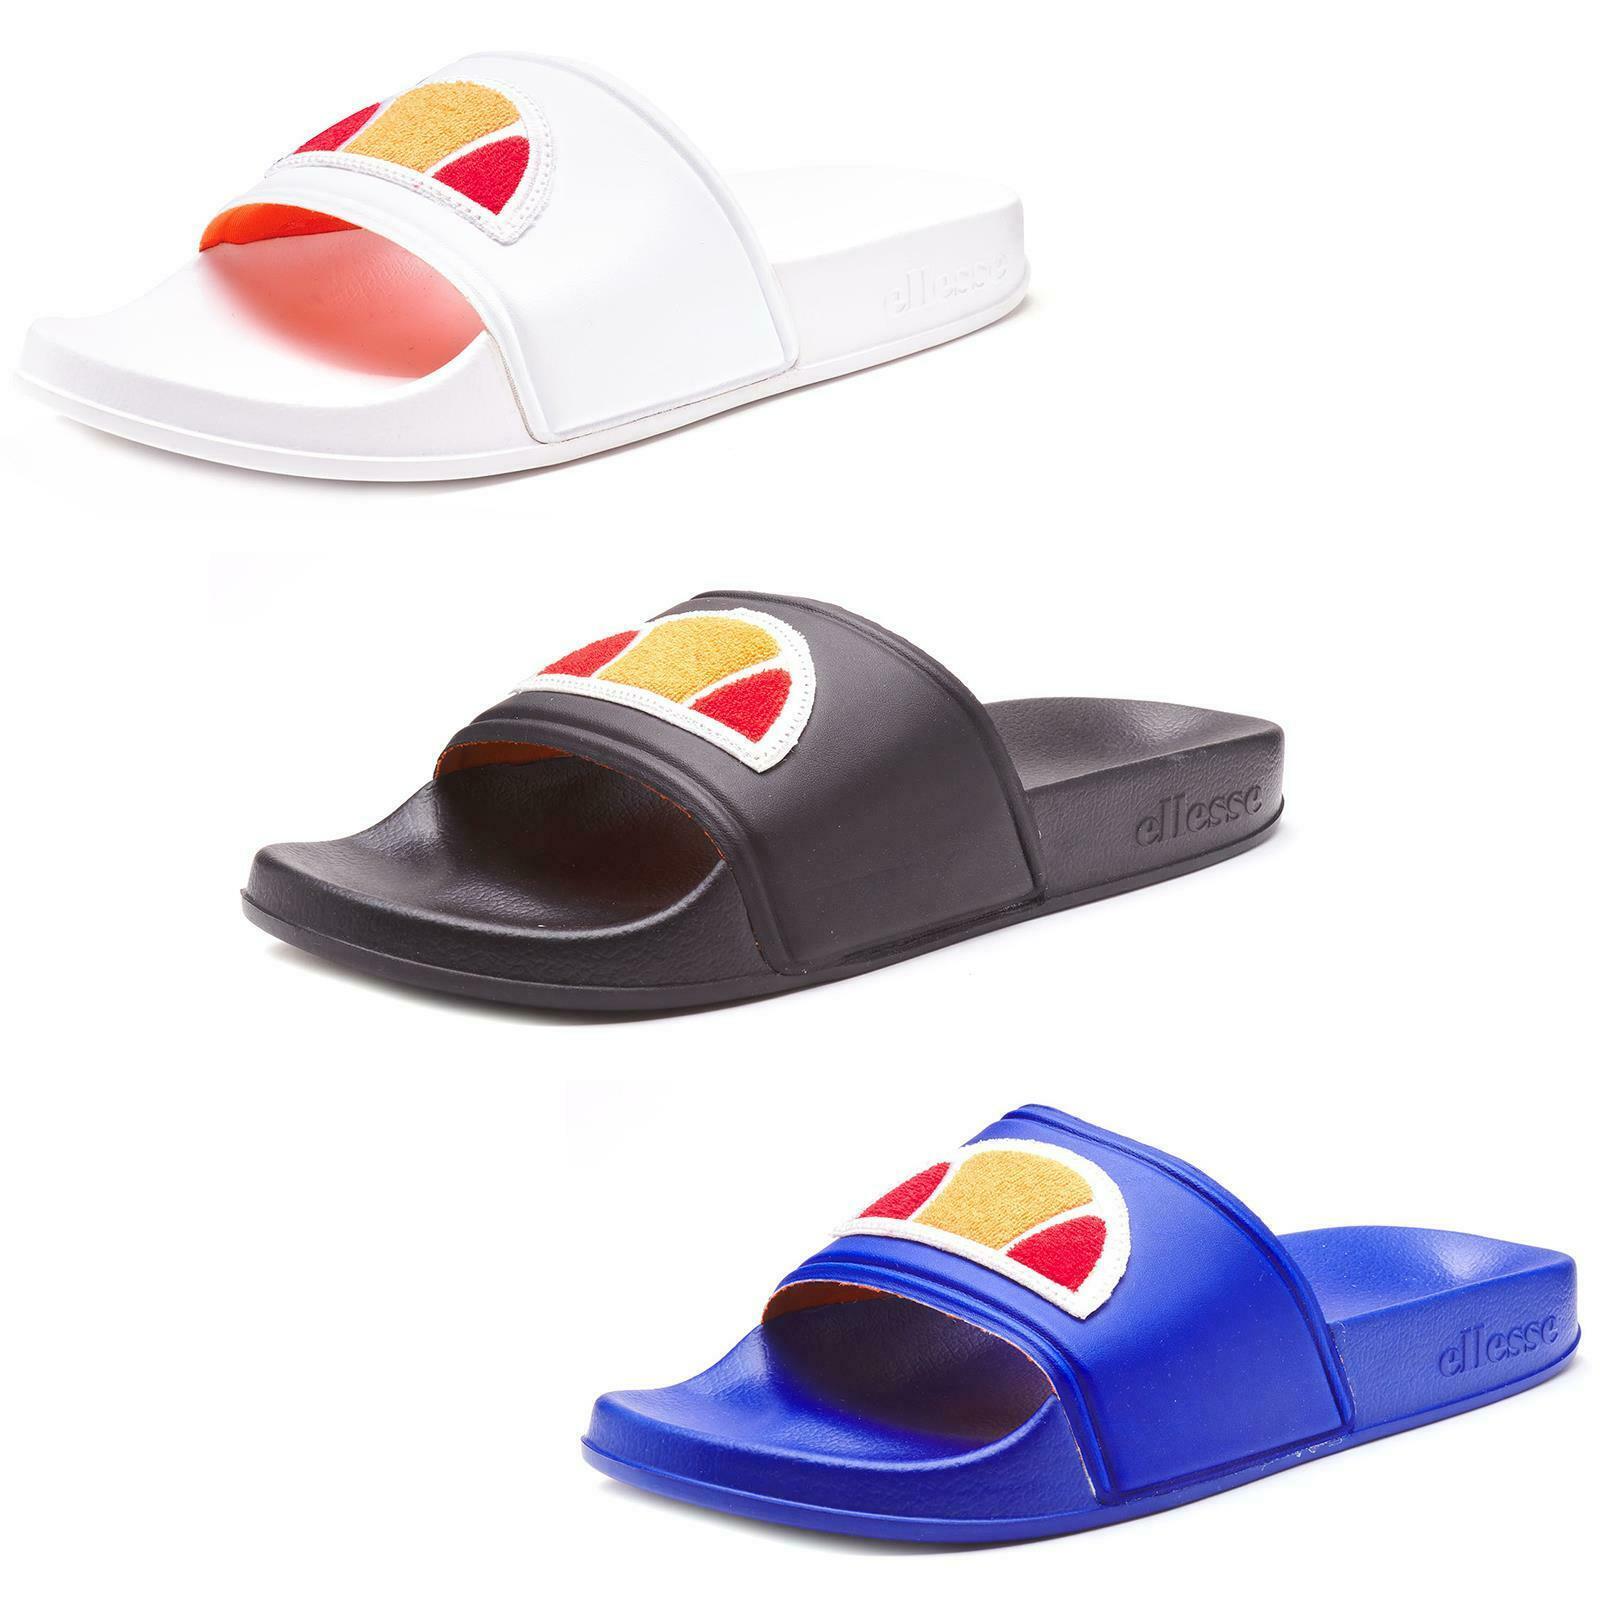 Men Ellesse Filippo BDG Beach Pool Slides Summer Sandals in Black, White, Blue x 5 pairs